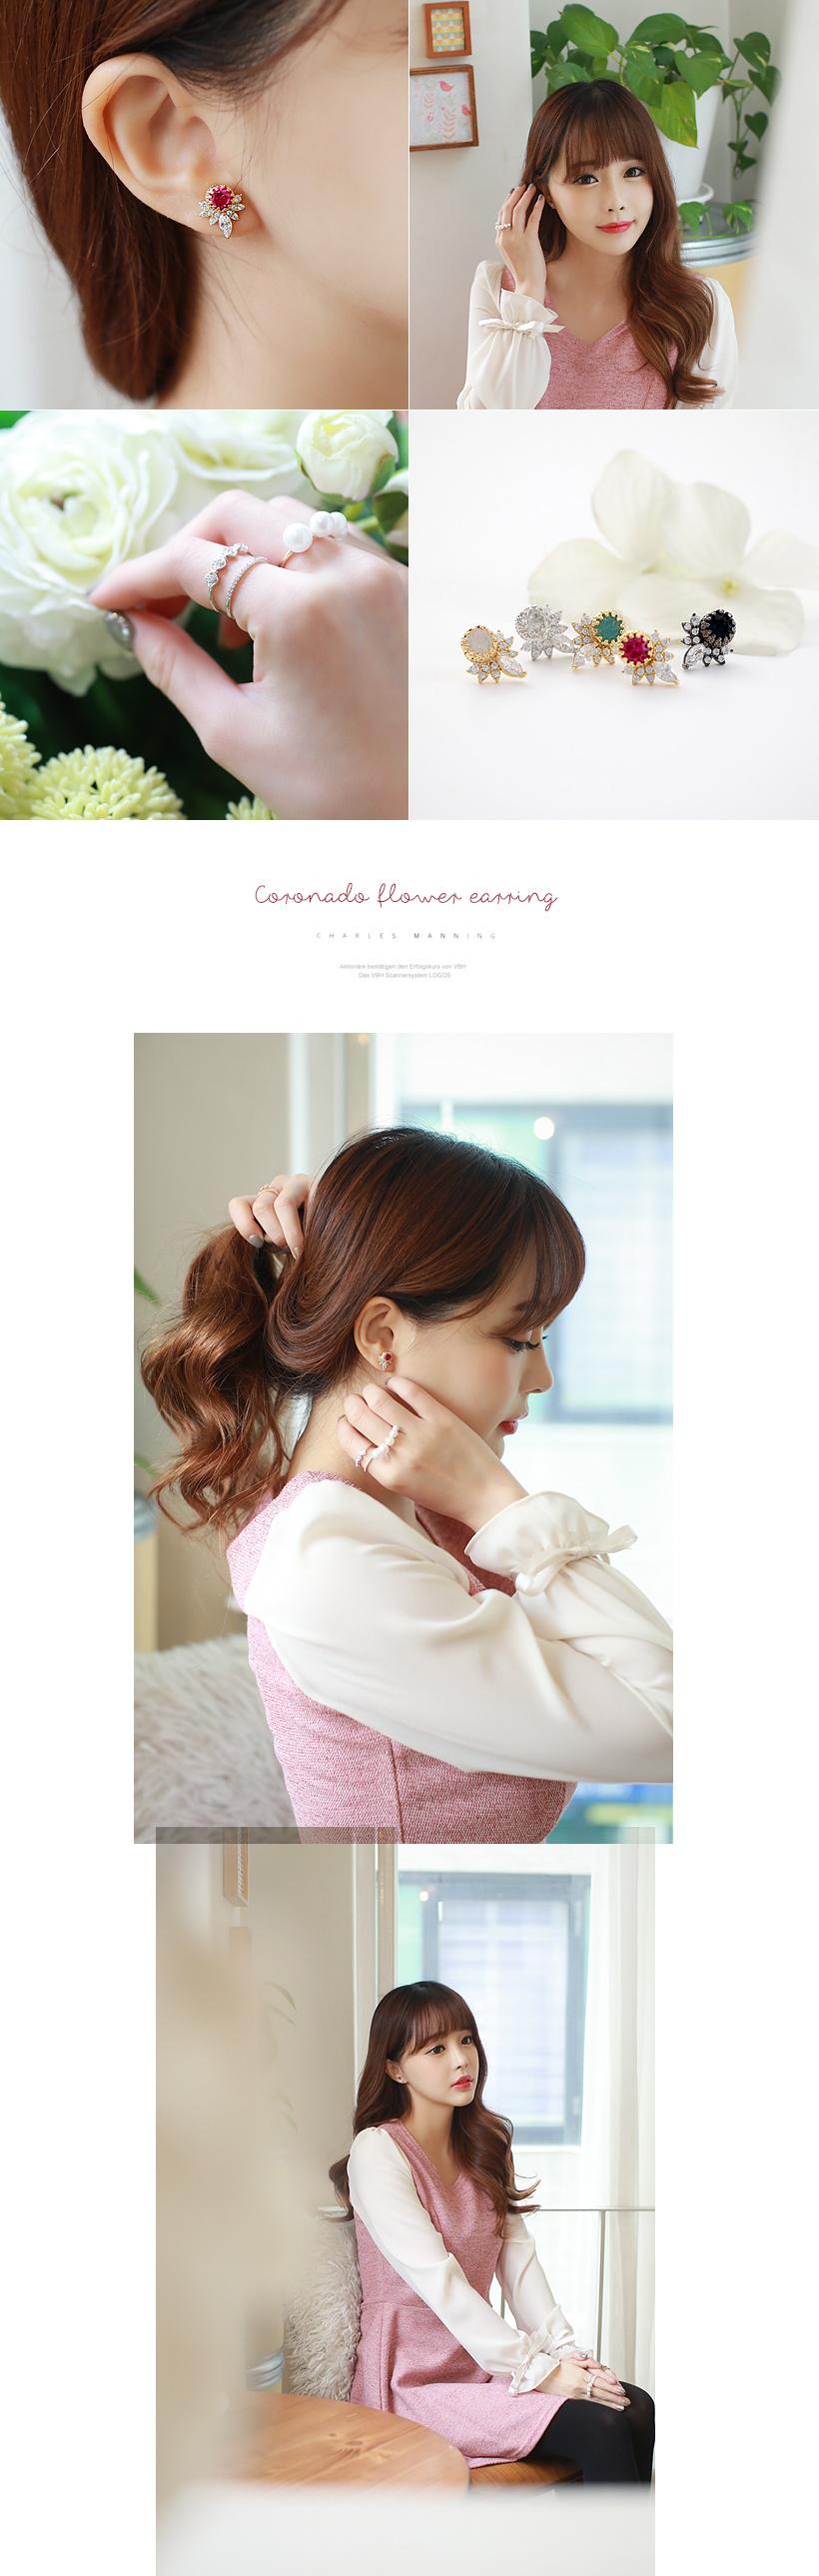 [ 4xtyle ] [SILVER] CORONADO FLOWER EARRING